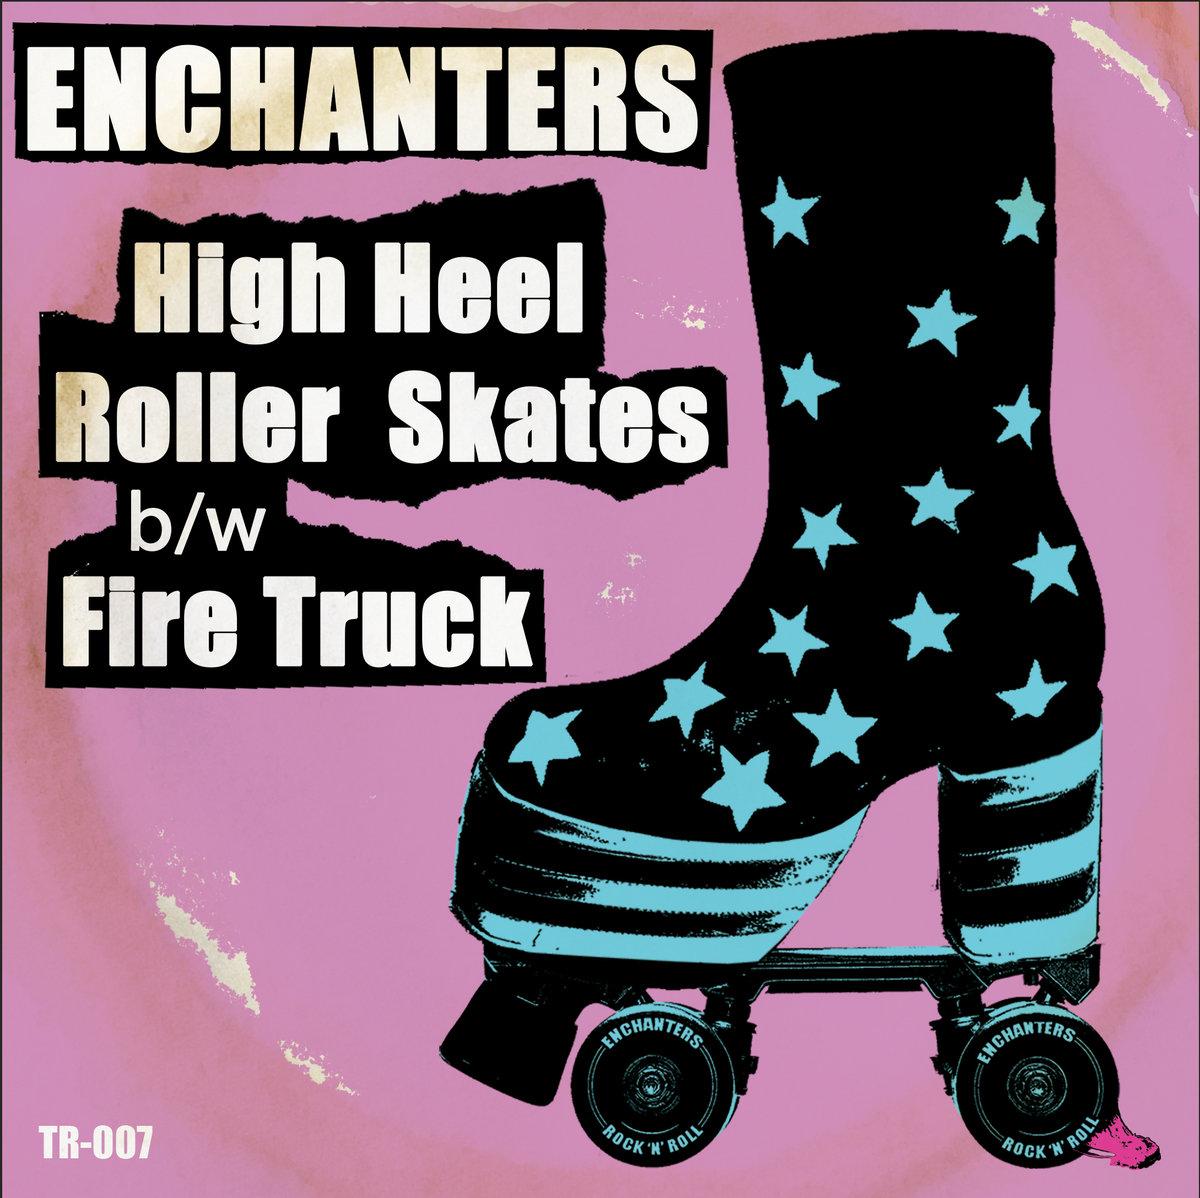 High Heel Roller Skates / Fire Truck 7